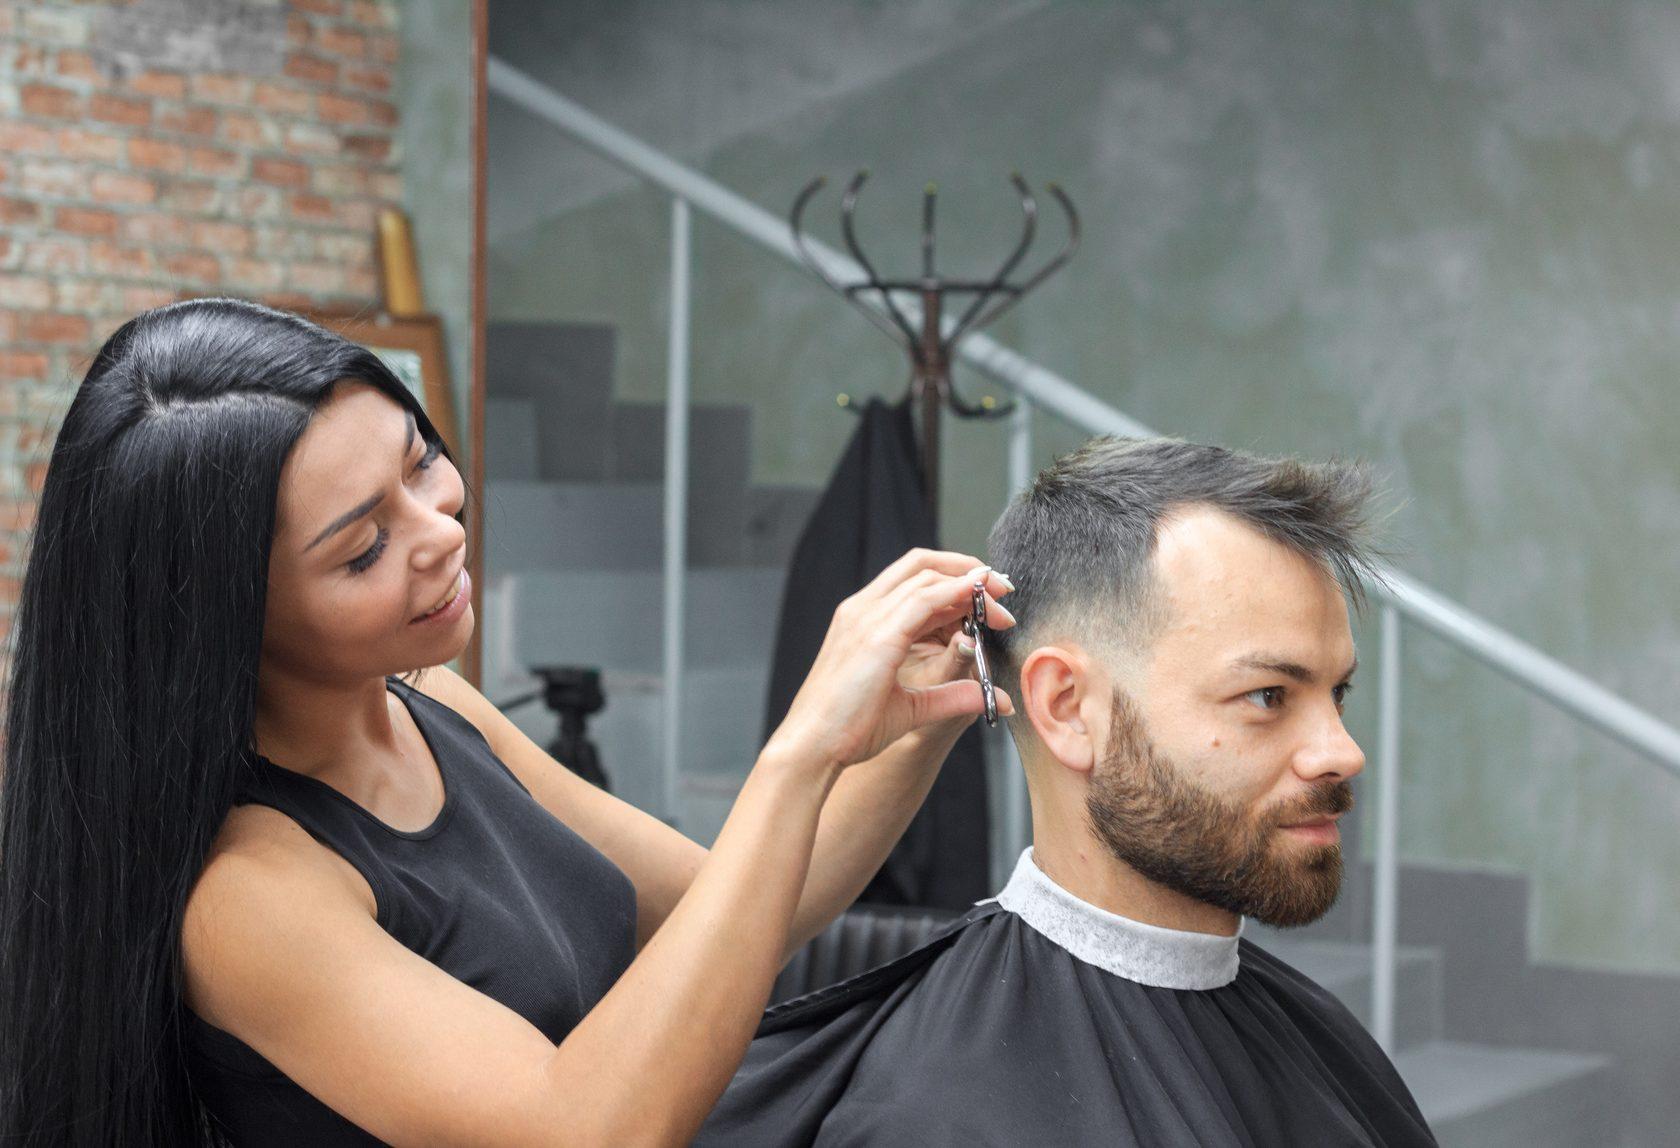 Ошибки парикмахеров фото приколы может возникать